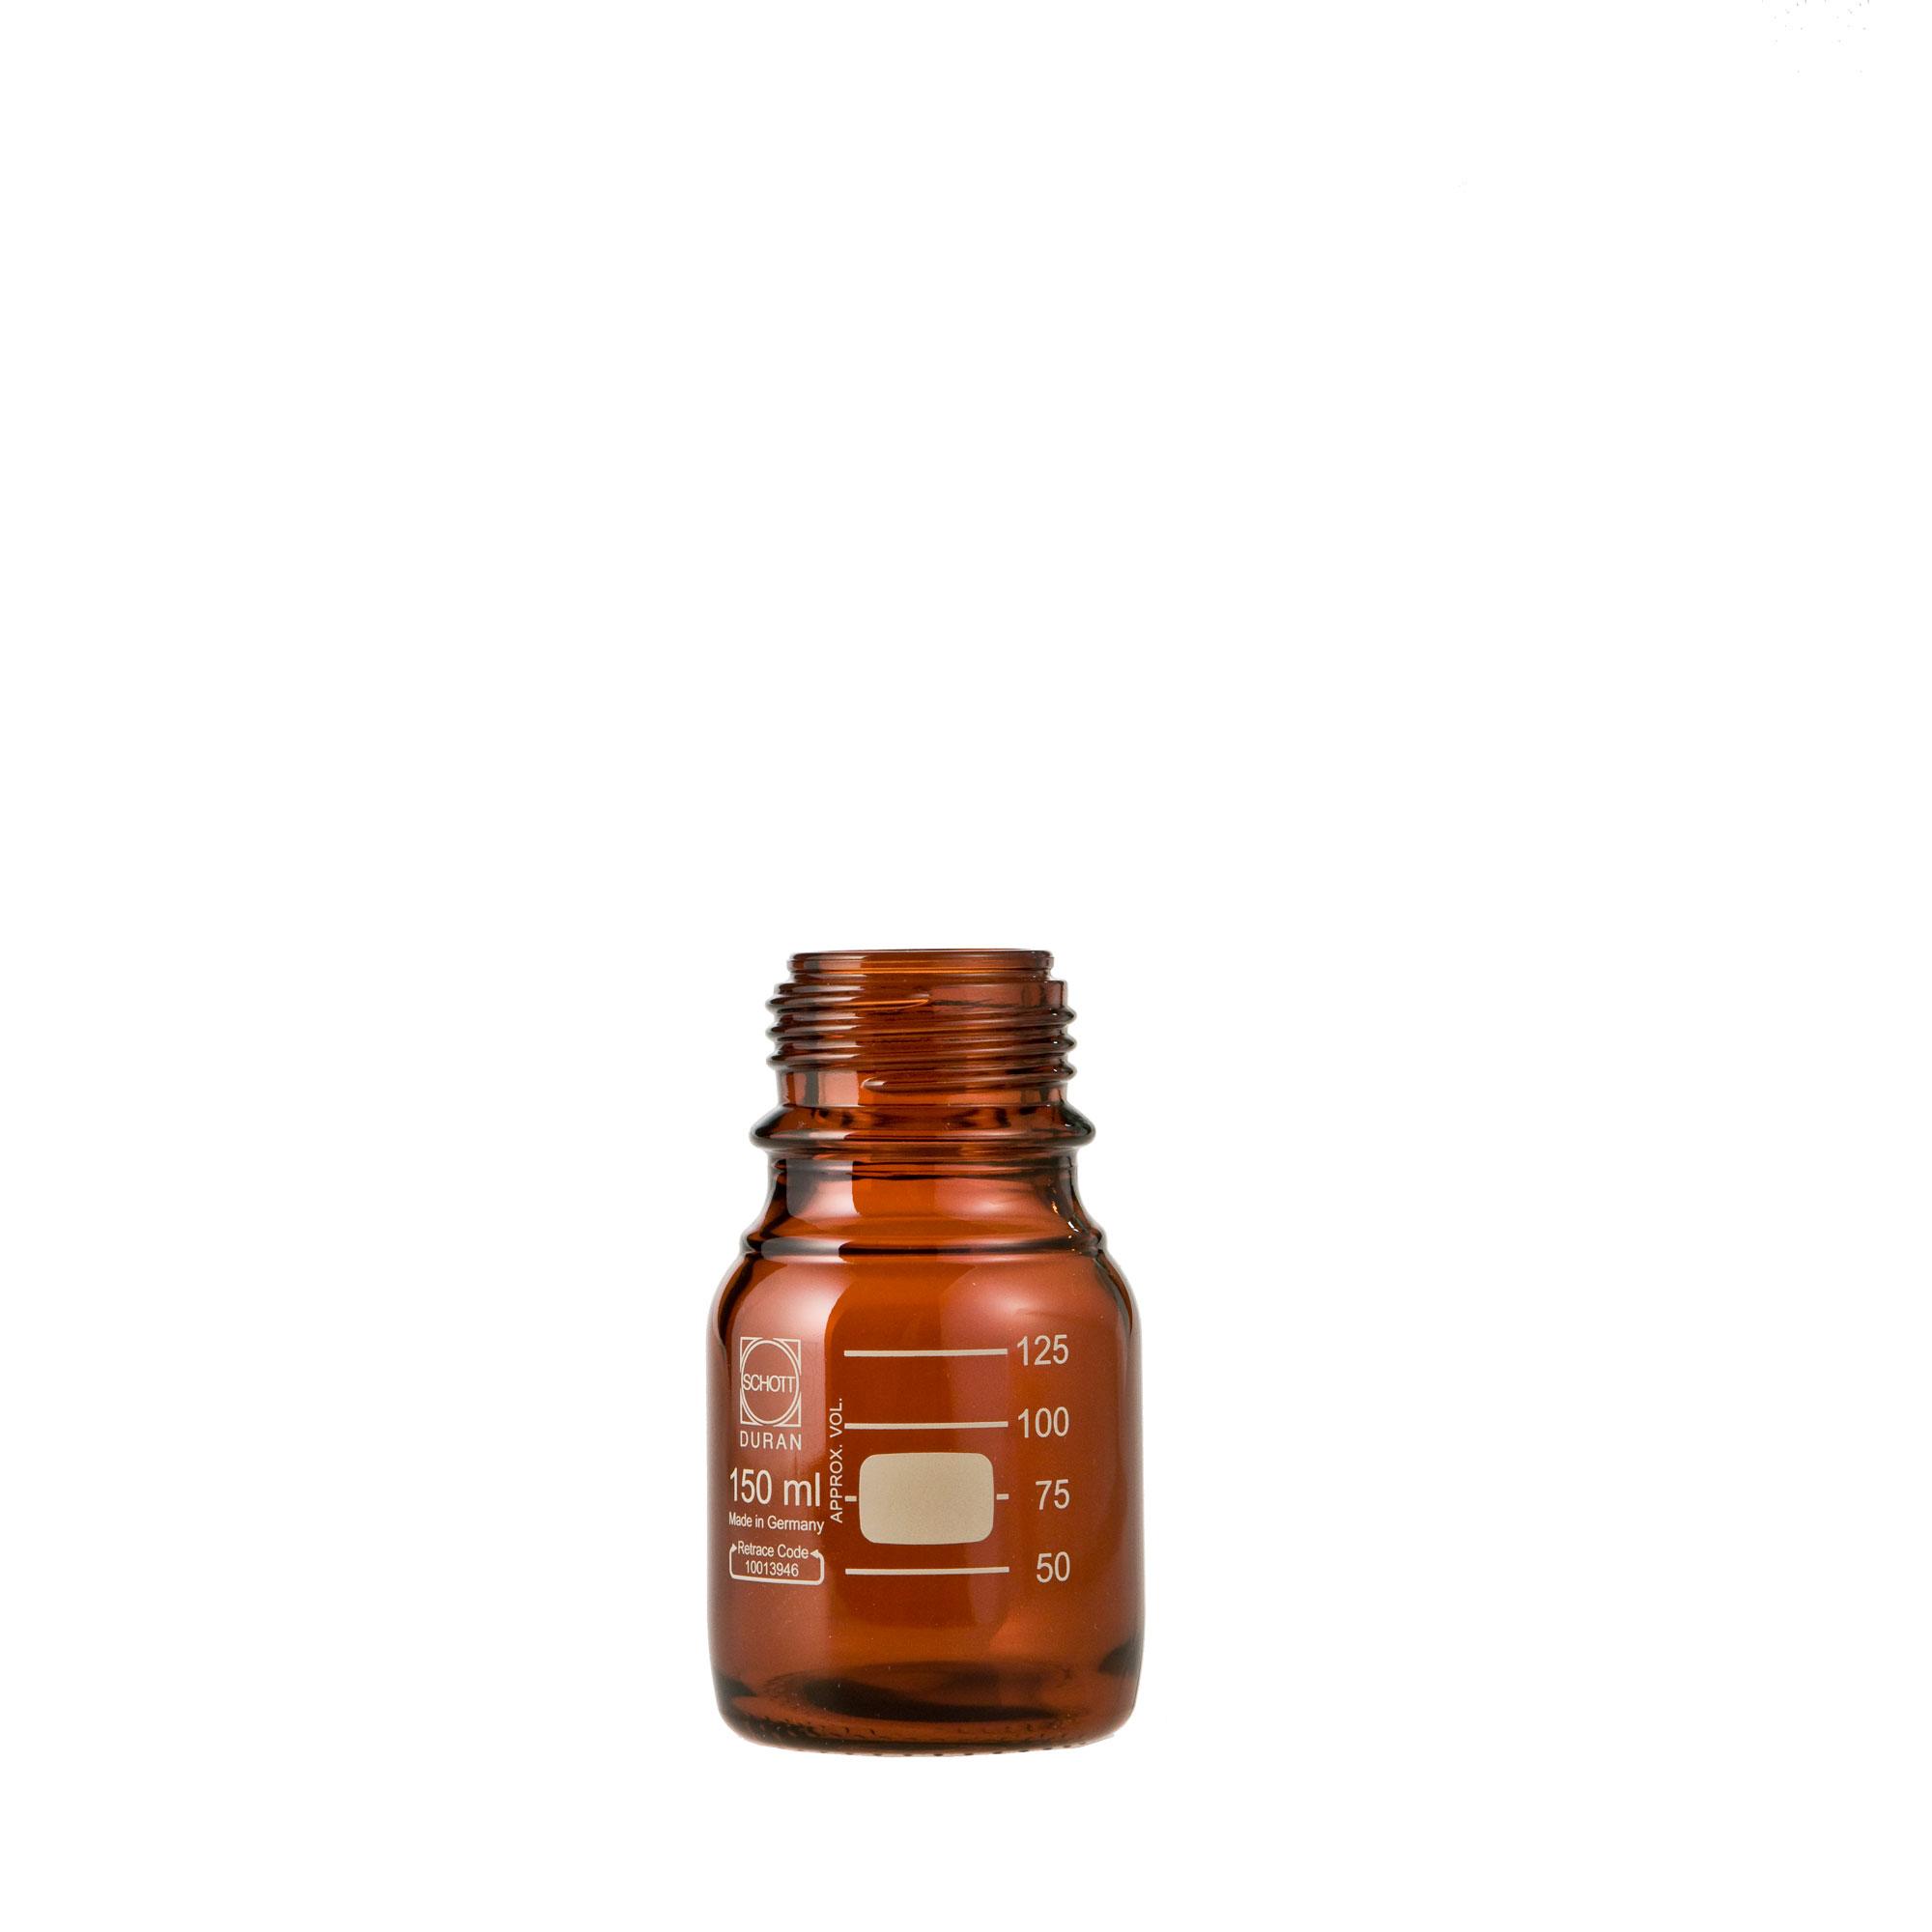 DURAN ねじ口びん(メジュームびん) 茶褐色 びんのみ 150mL GL-45(10個)